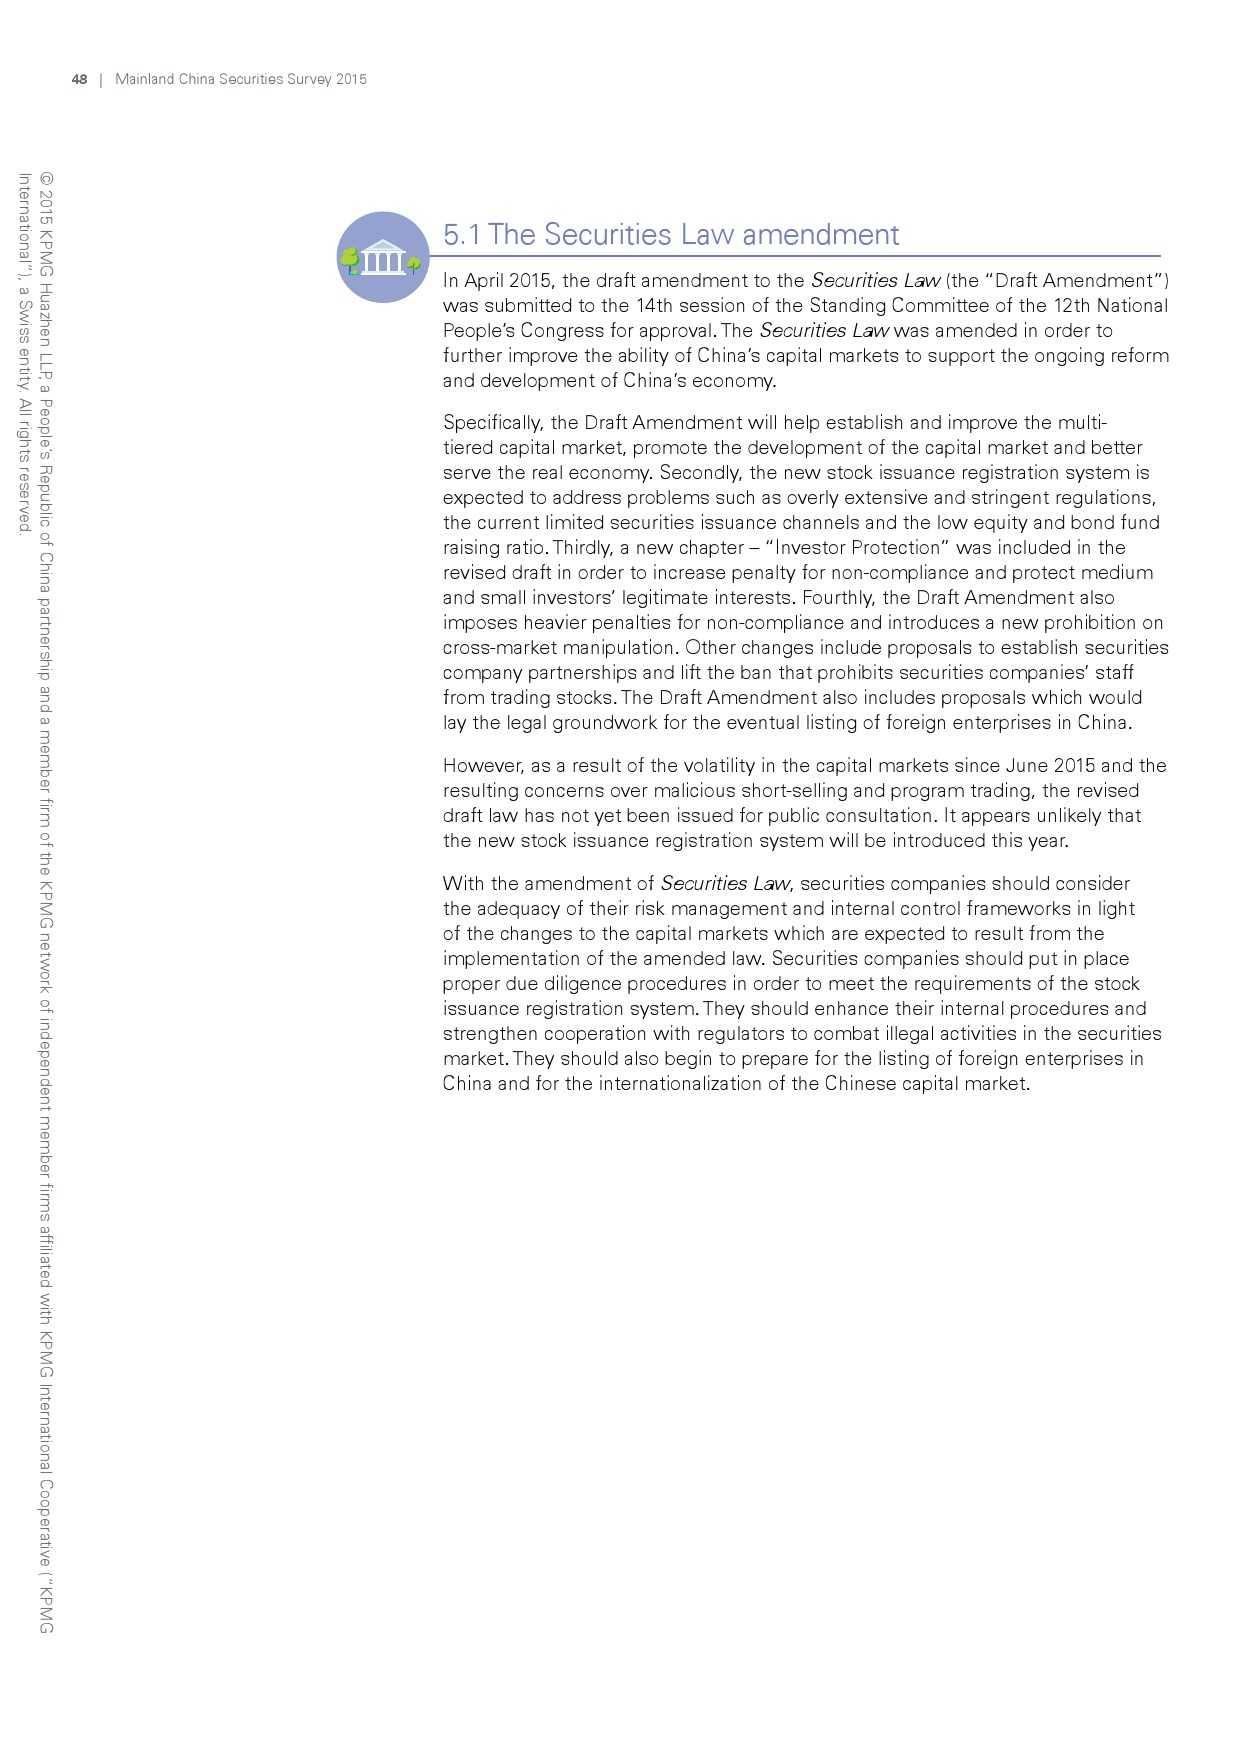 毕马威:2015年中国证券业调查报告_000050